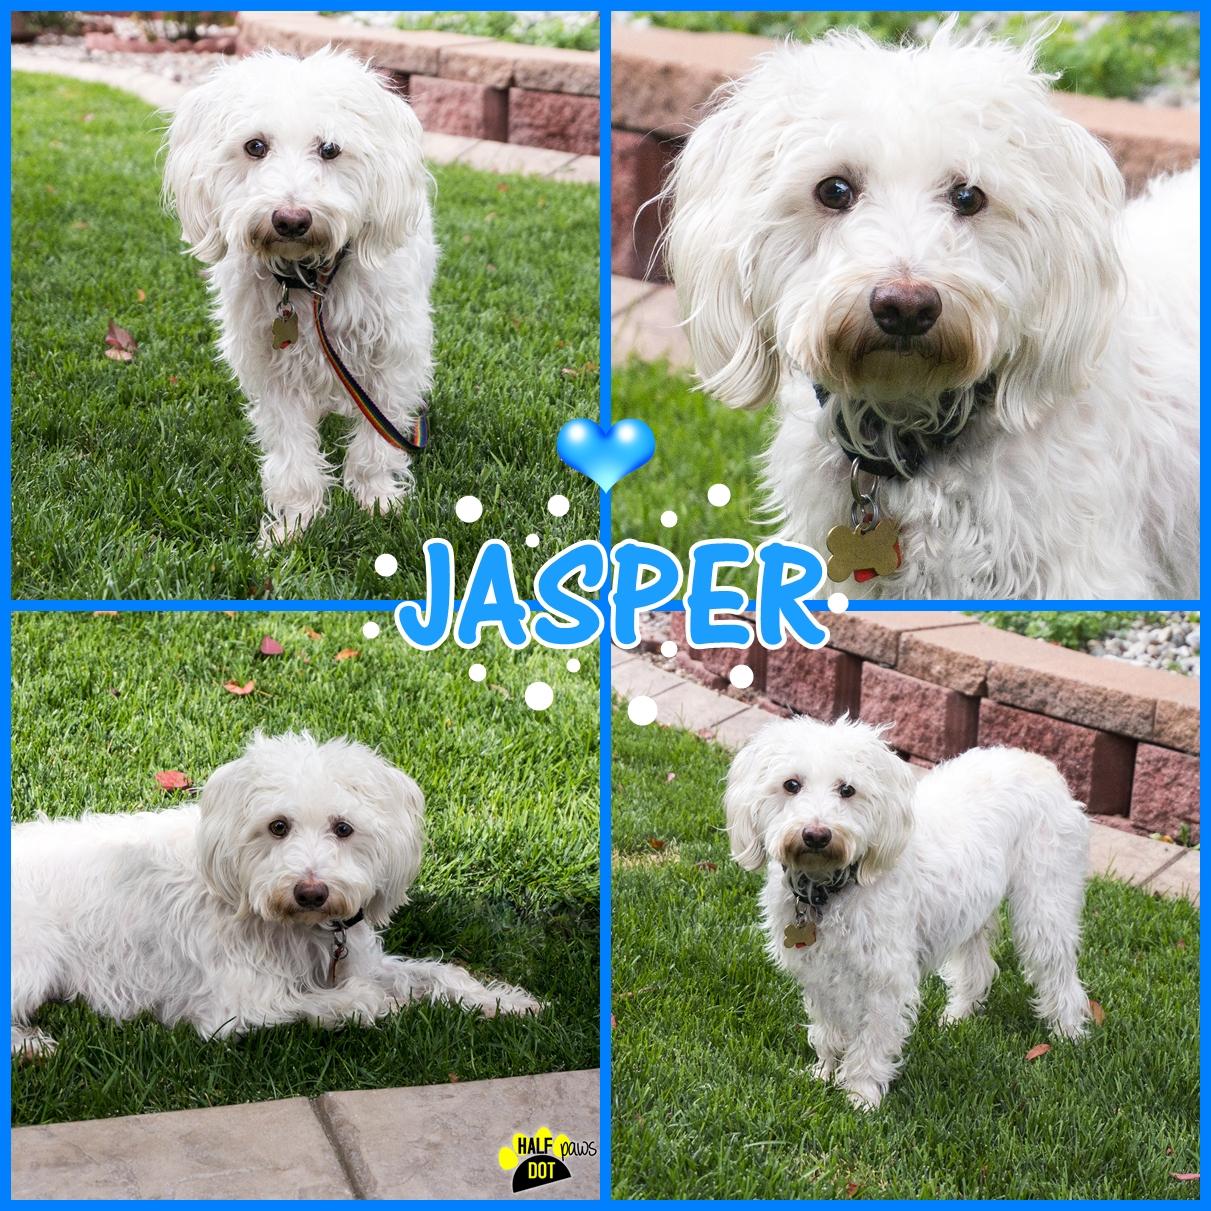 Adopt Jasper: a shy sweetheart